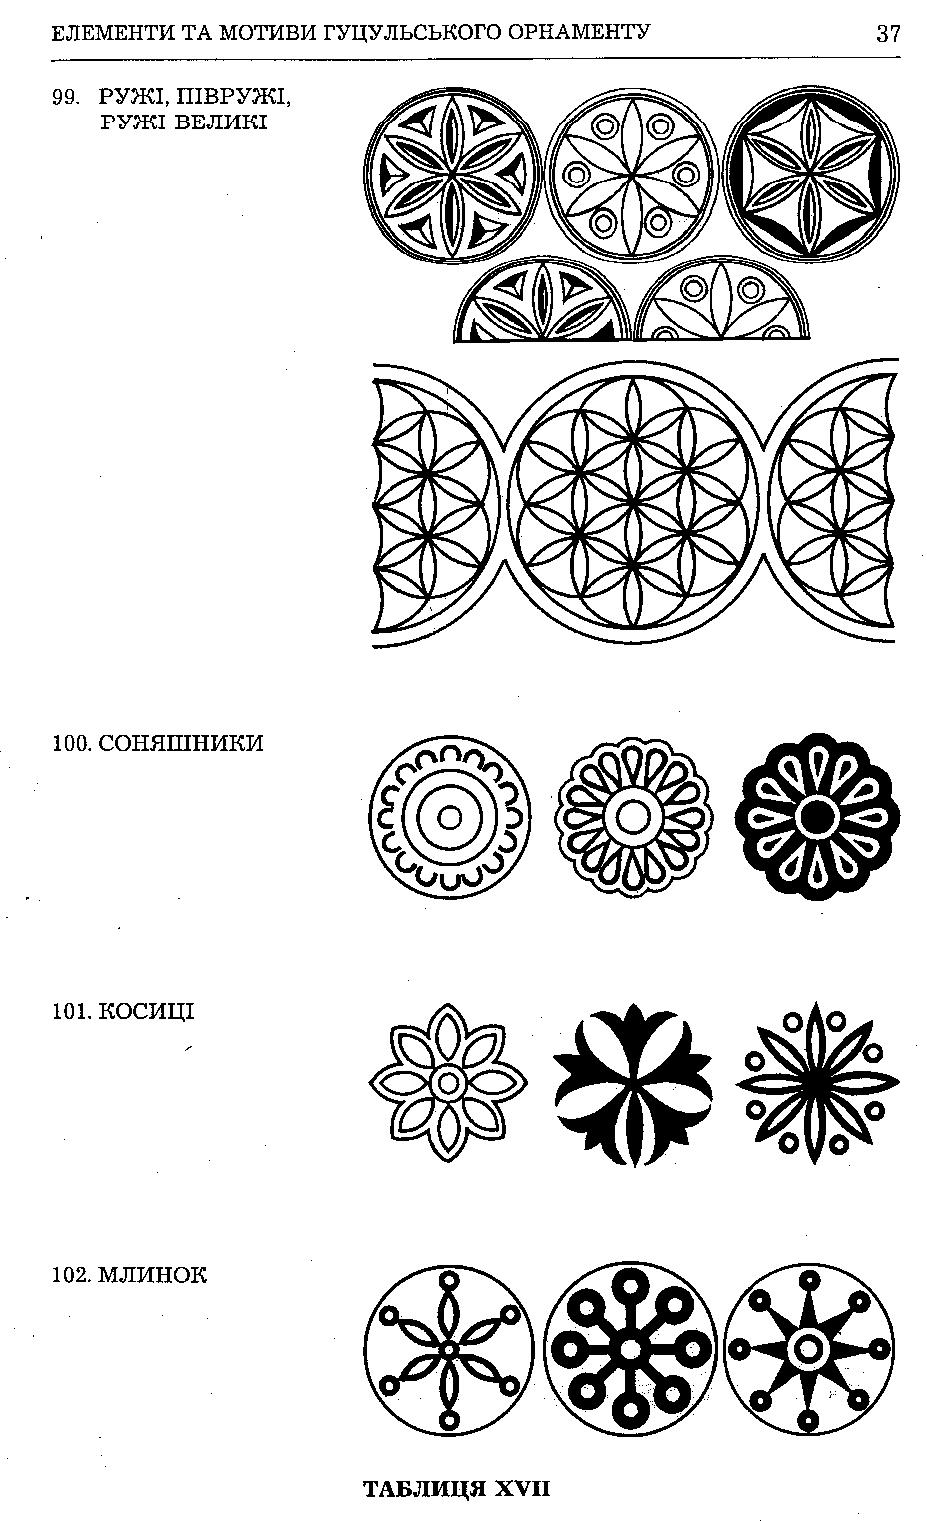 Tablitsya17